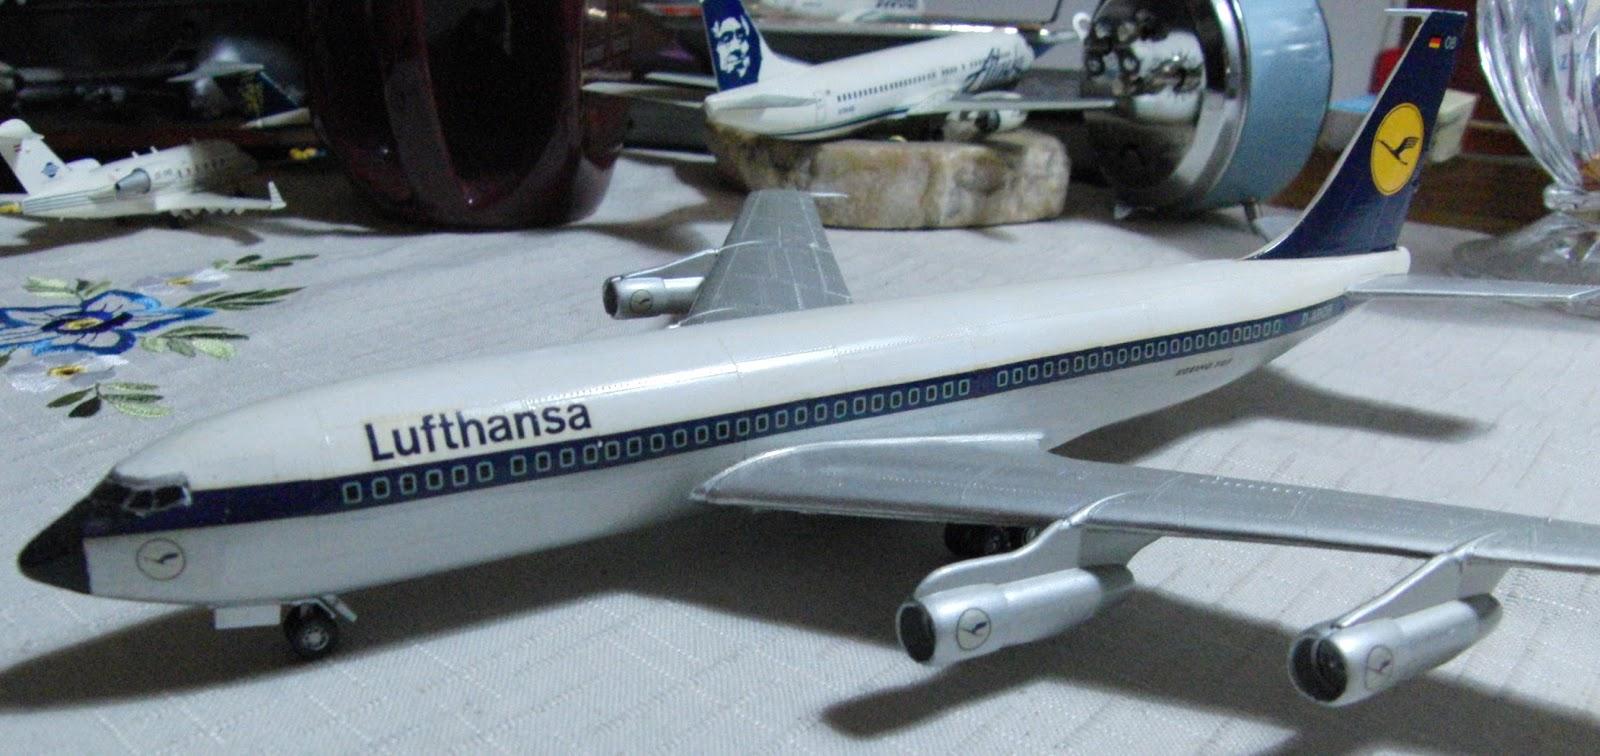 Jn Model Kits Review Revell 1 144 Boeing 707 320b Lufthansa